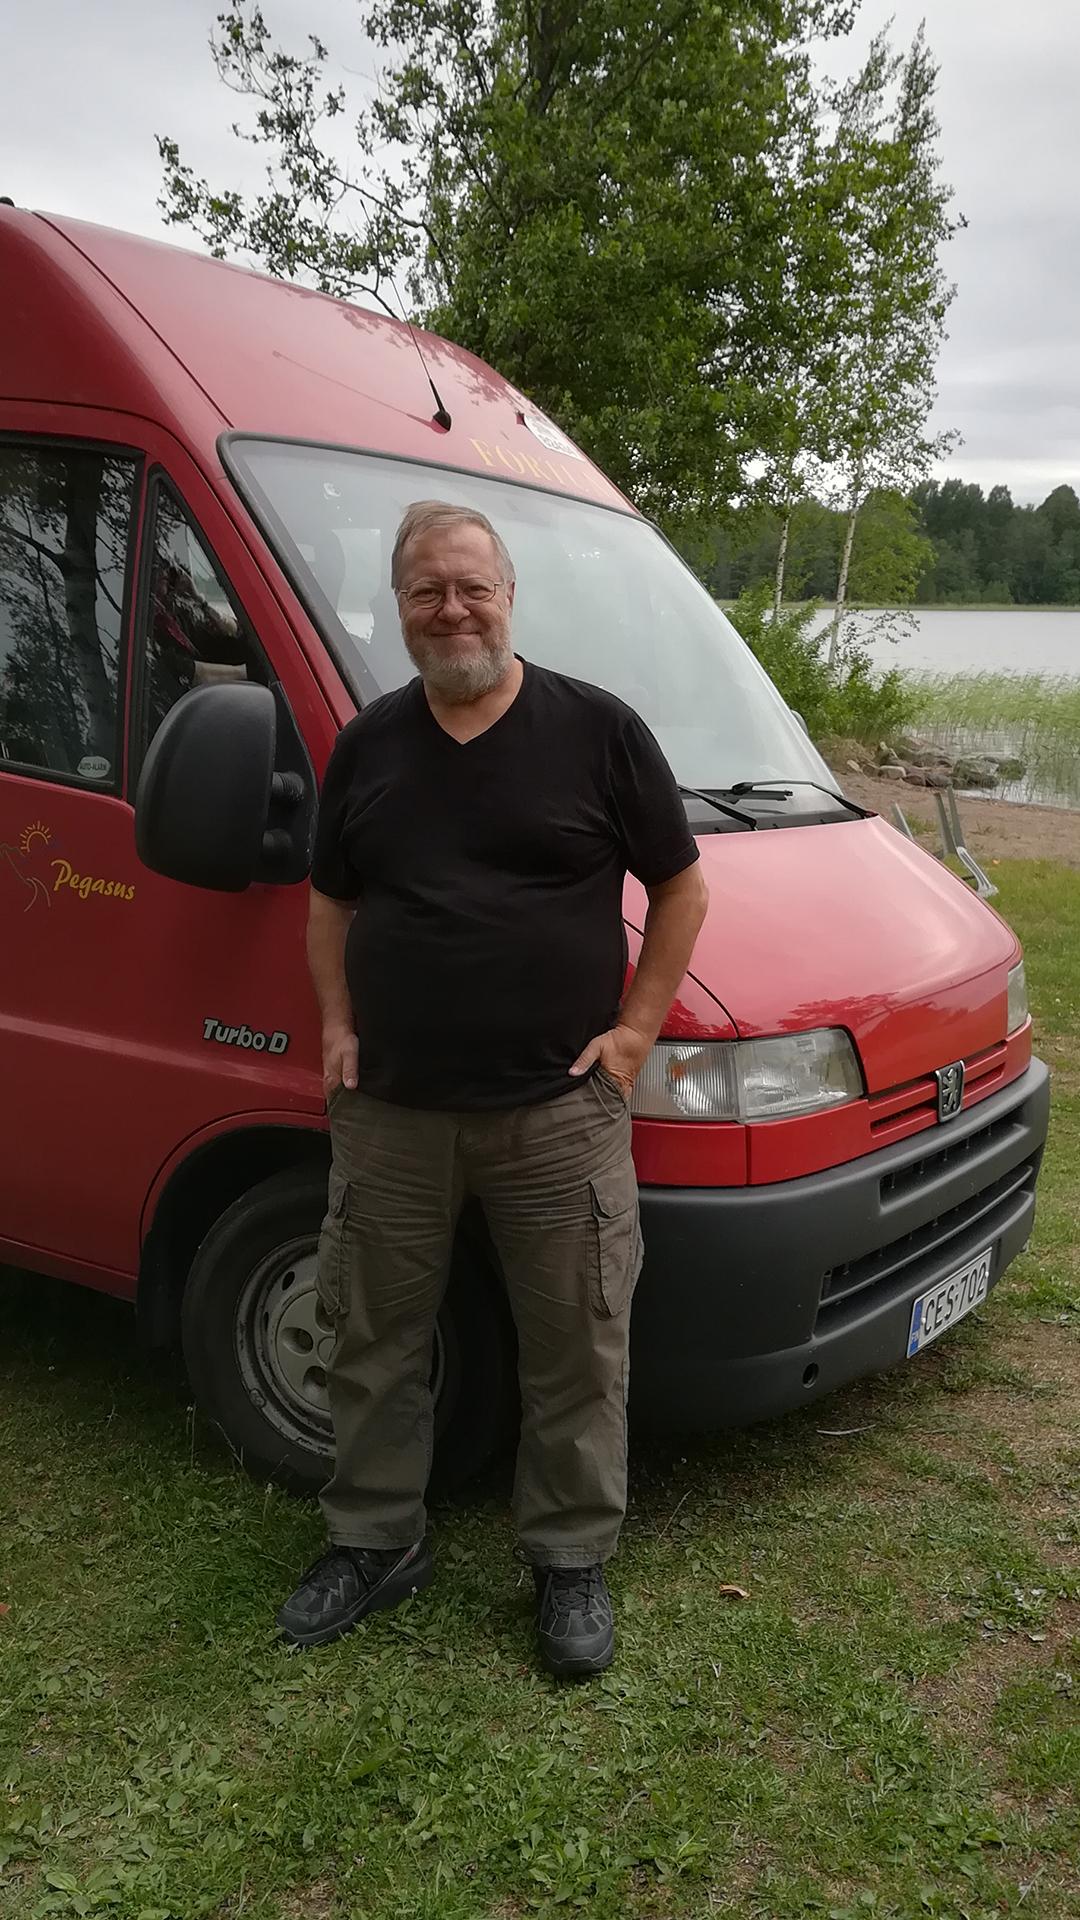 Retkeilyauto on ollut kätevä kulkupeli myös kotimaan kohteissa. Koronan vuoksi aikaistettu kohtalokas paluu kotimaahan, saa nyt pariskunnan miettimään auton käyttöä jatkossa.